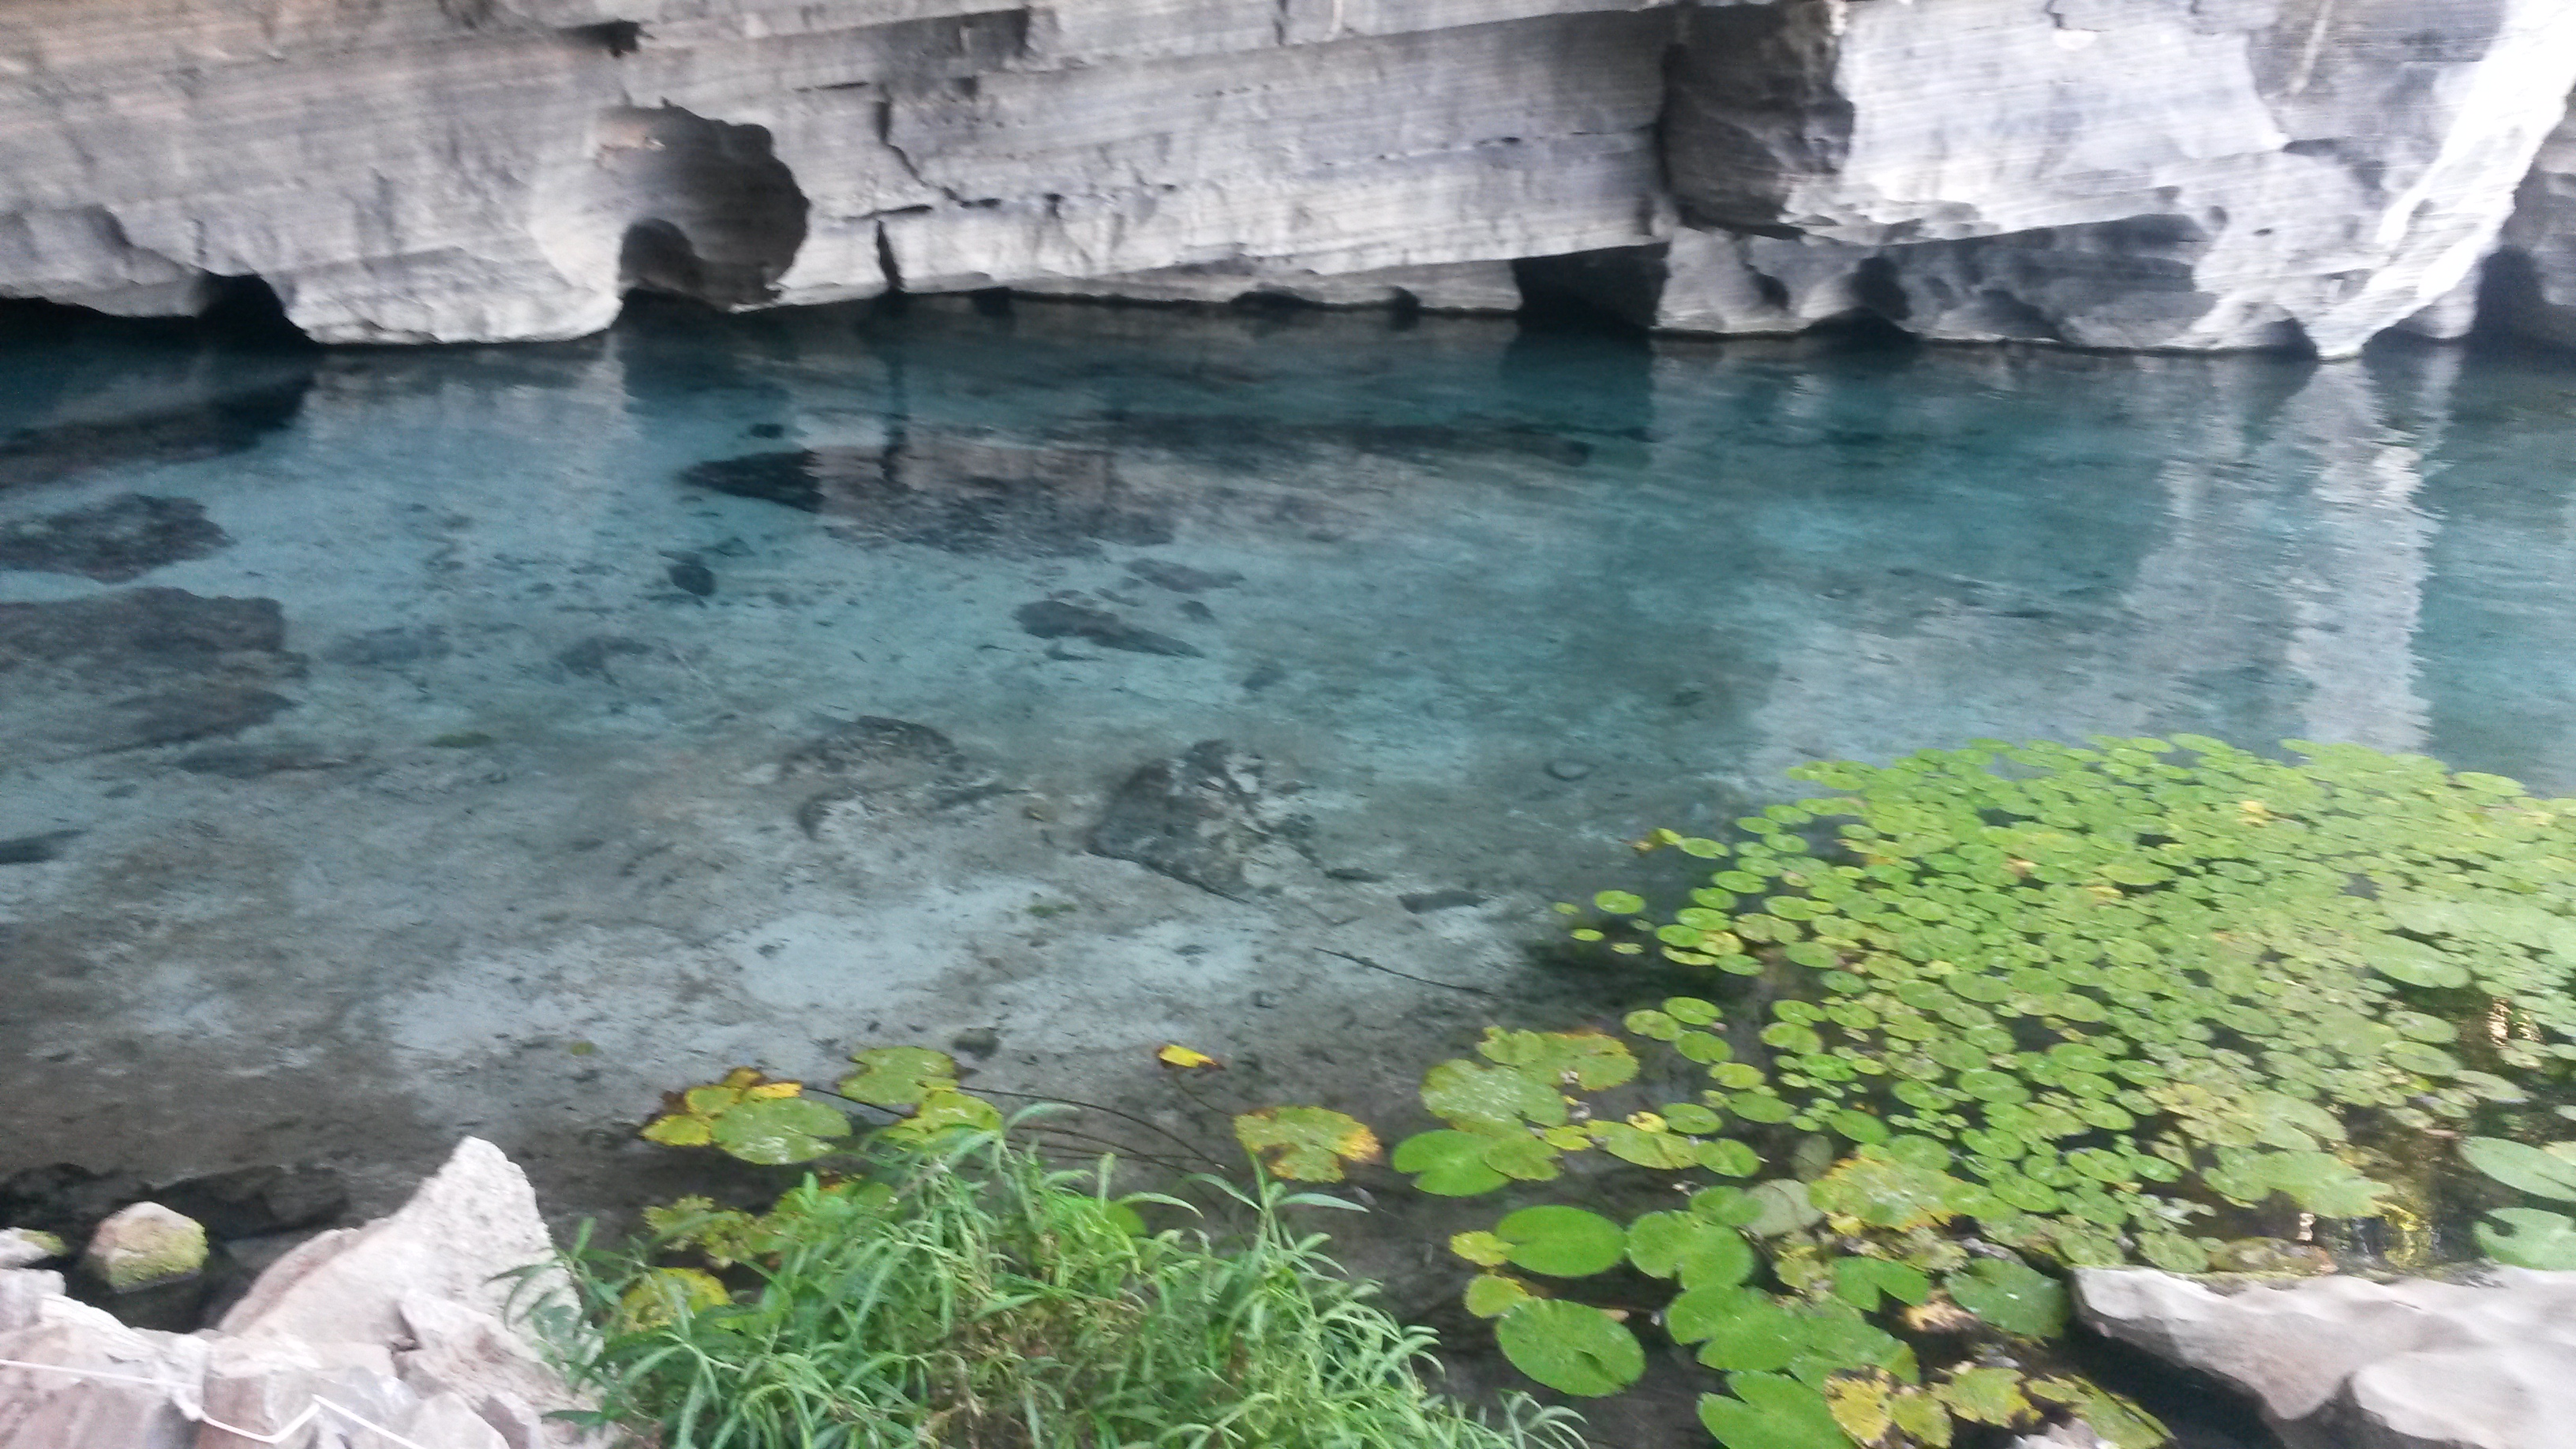 Rio e gruta com águas cristalinas onde é possível fazer flutuação dentro da caverna. Peixes e tartarugas de água doce inundam a caverna. Com uso de uma lanterna a prova d'água torna a experiência ainda mais inesquecível.